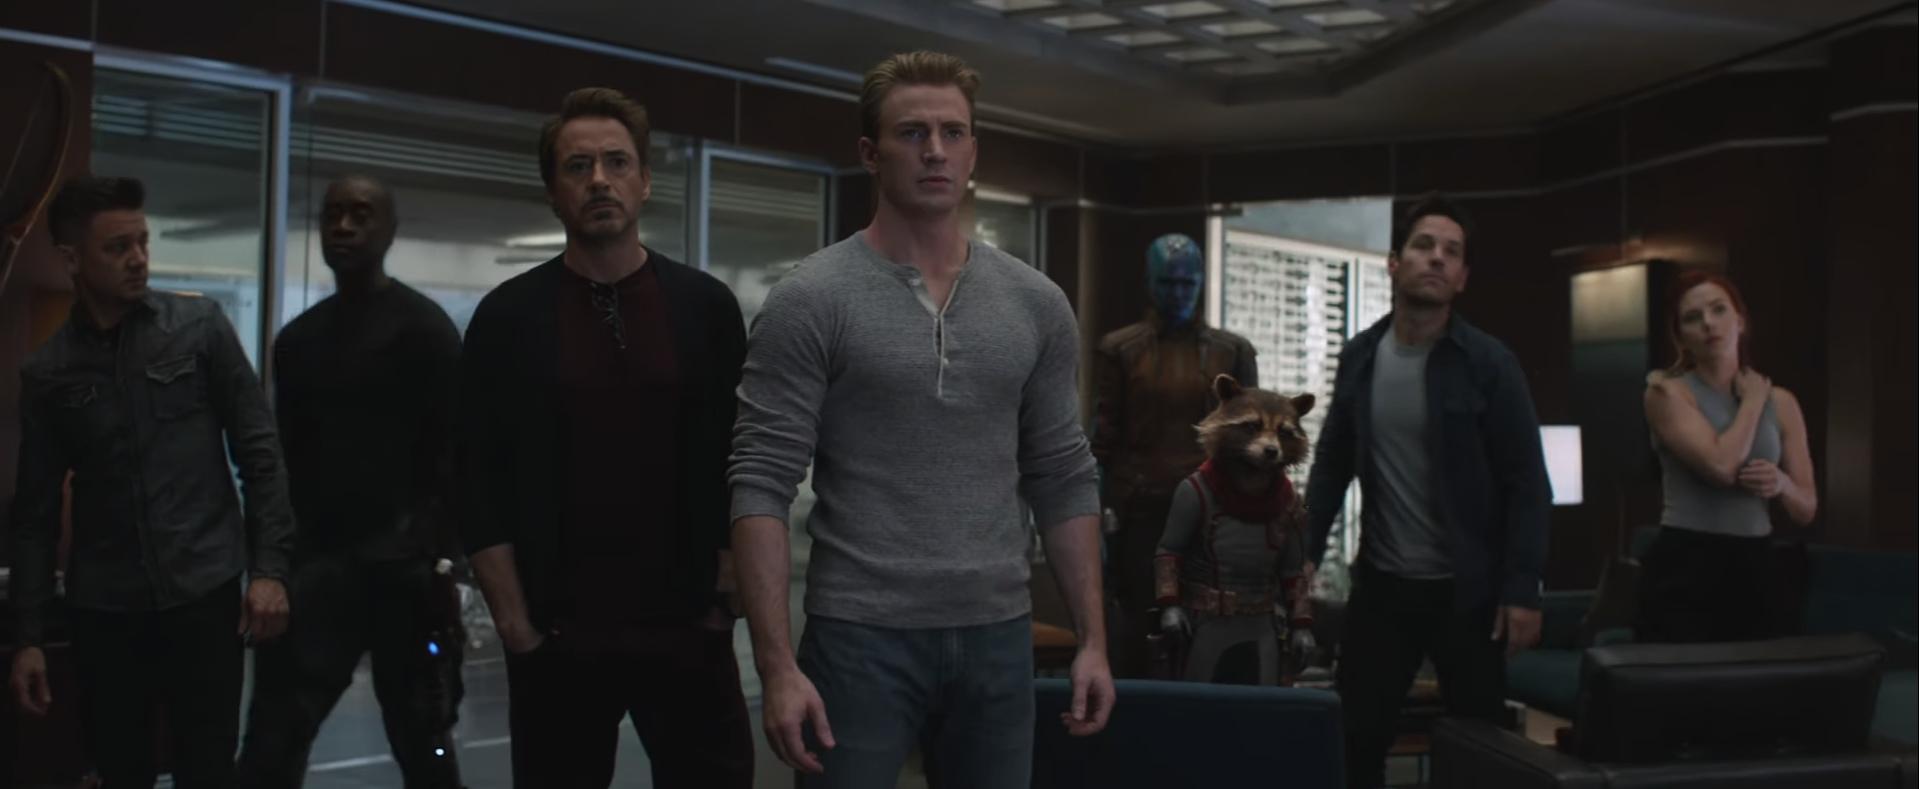 Раскрыт полный состав команды героев из «Мстителей 4: Финал»